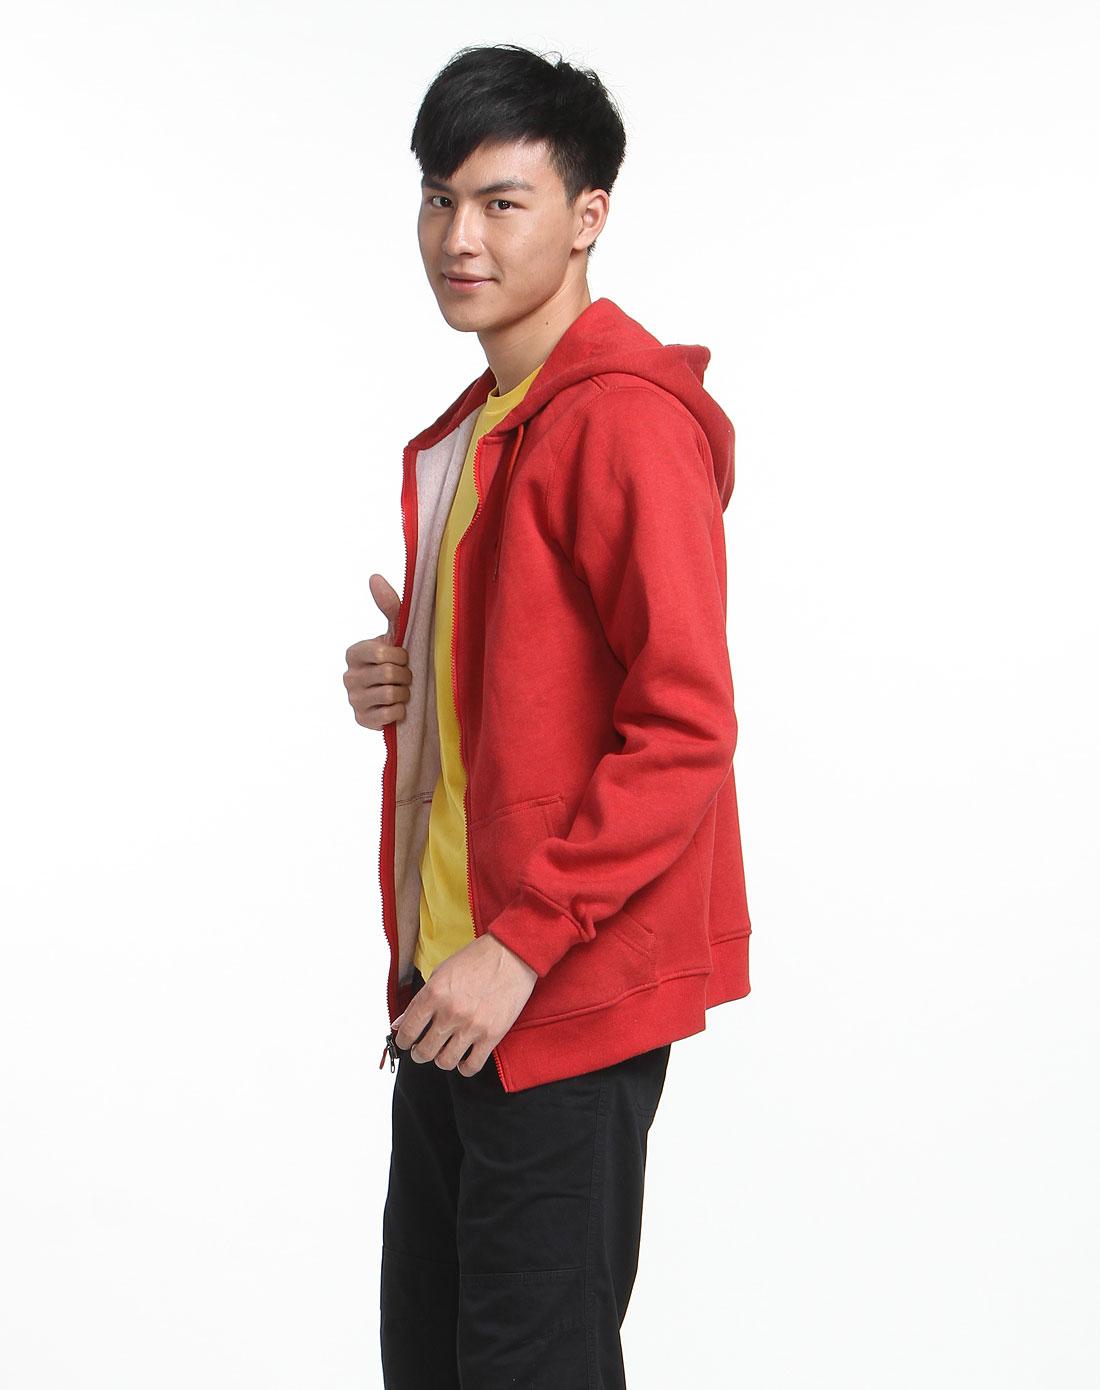 耐克nike运动休闲连帽红色长袖卫衣453140-682